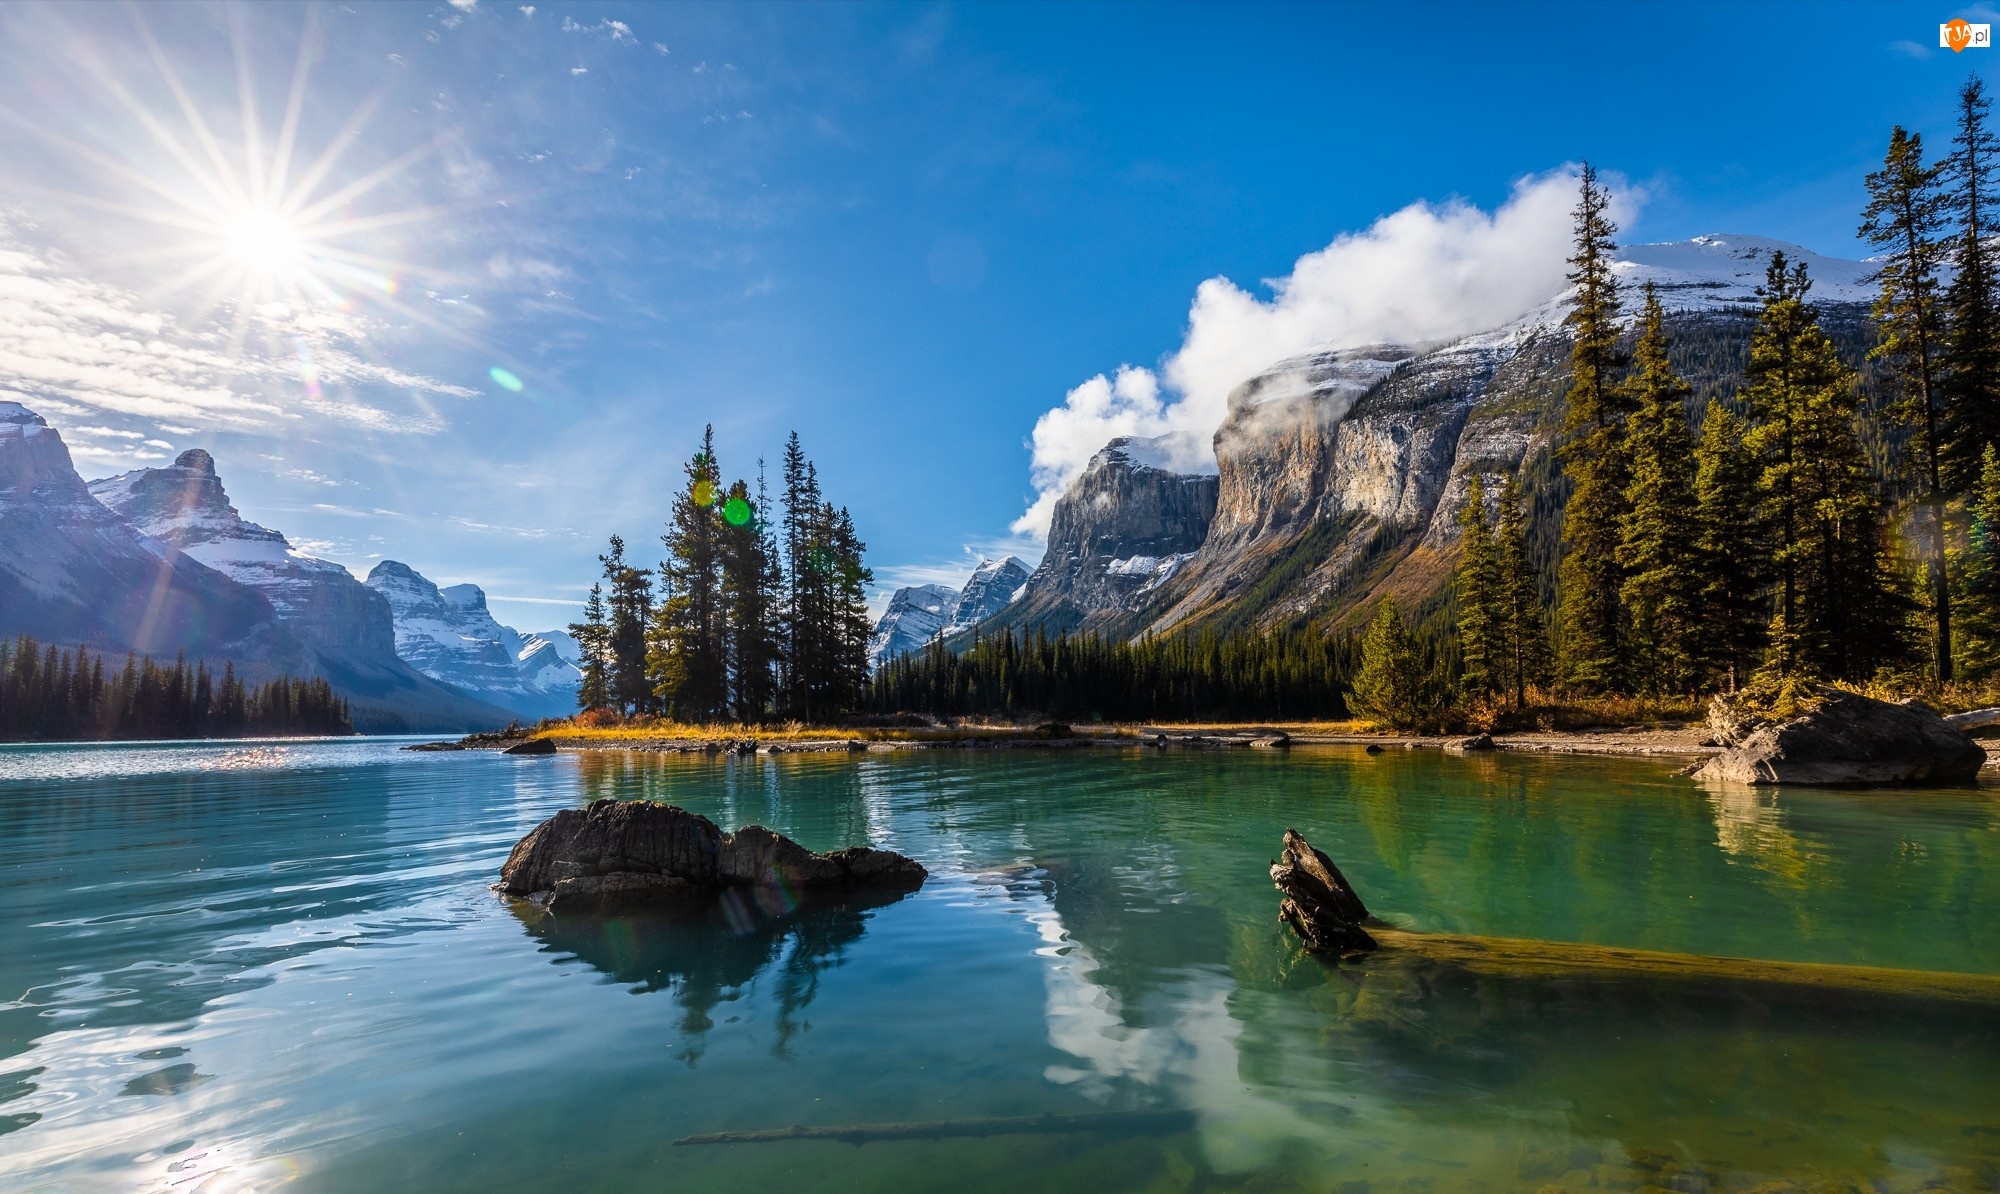 Prowincja Alberta, Kanada, Góry, Drzewa, Park Narodowy Jasper, Jezioro Maligne